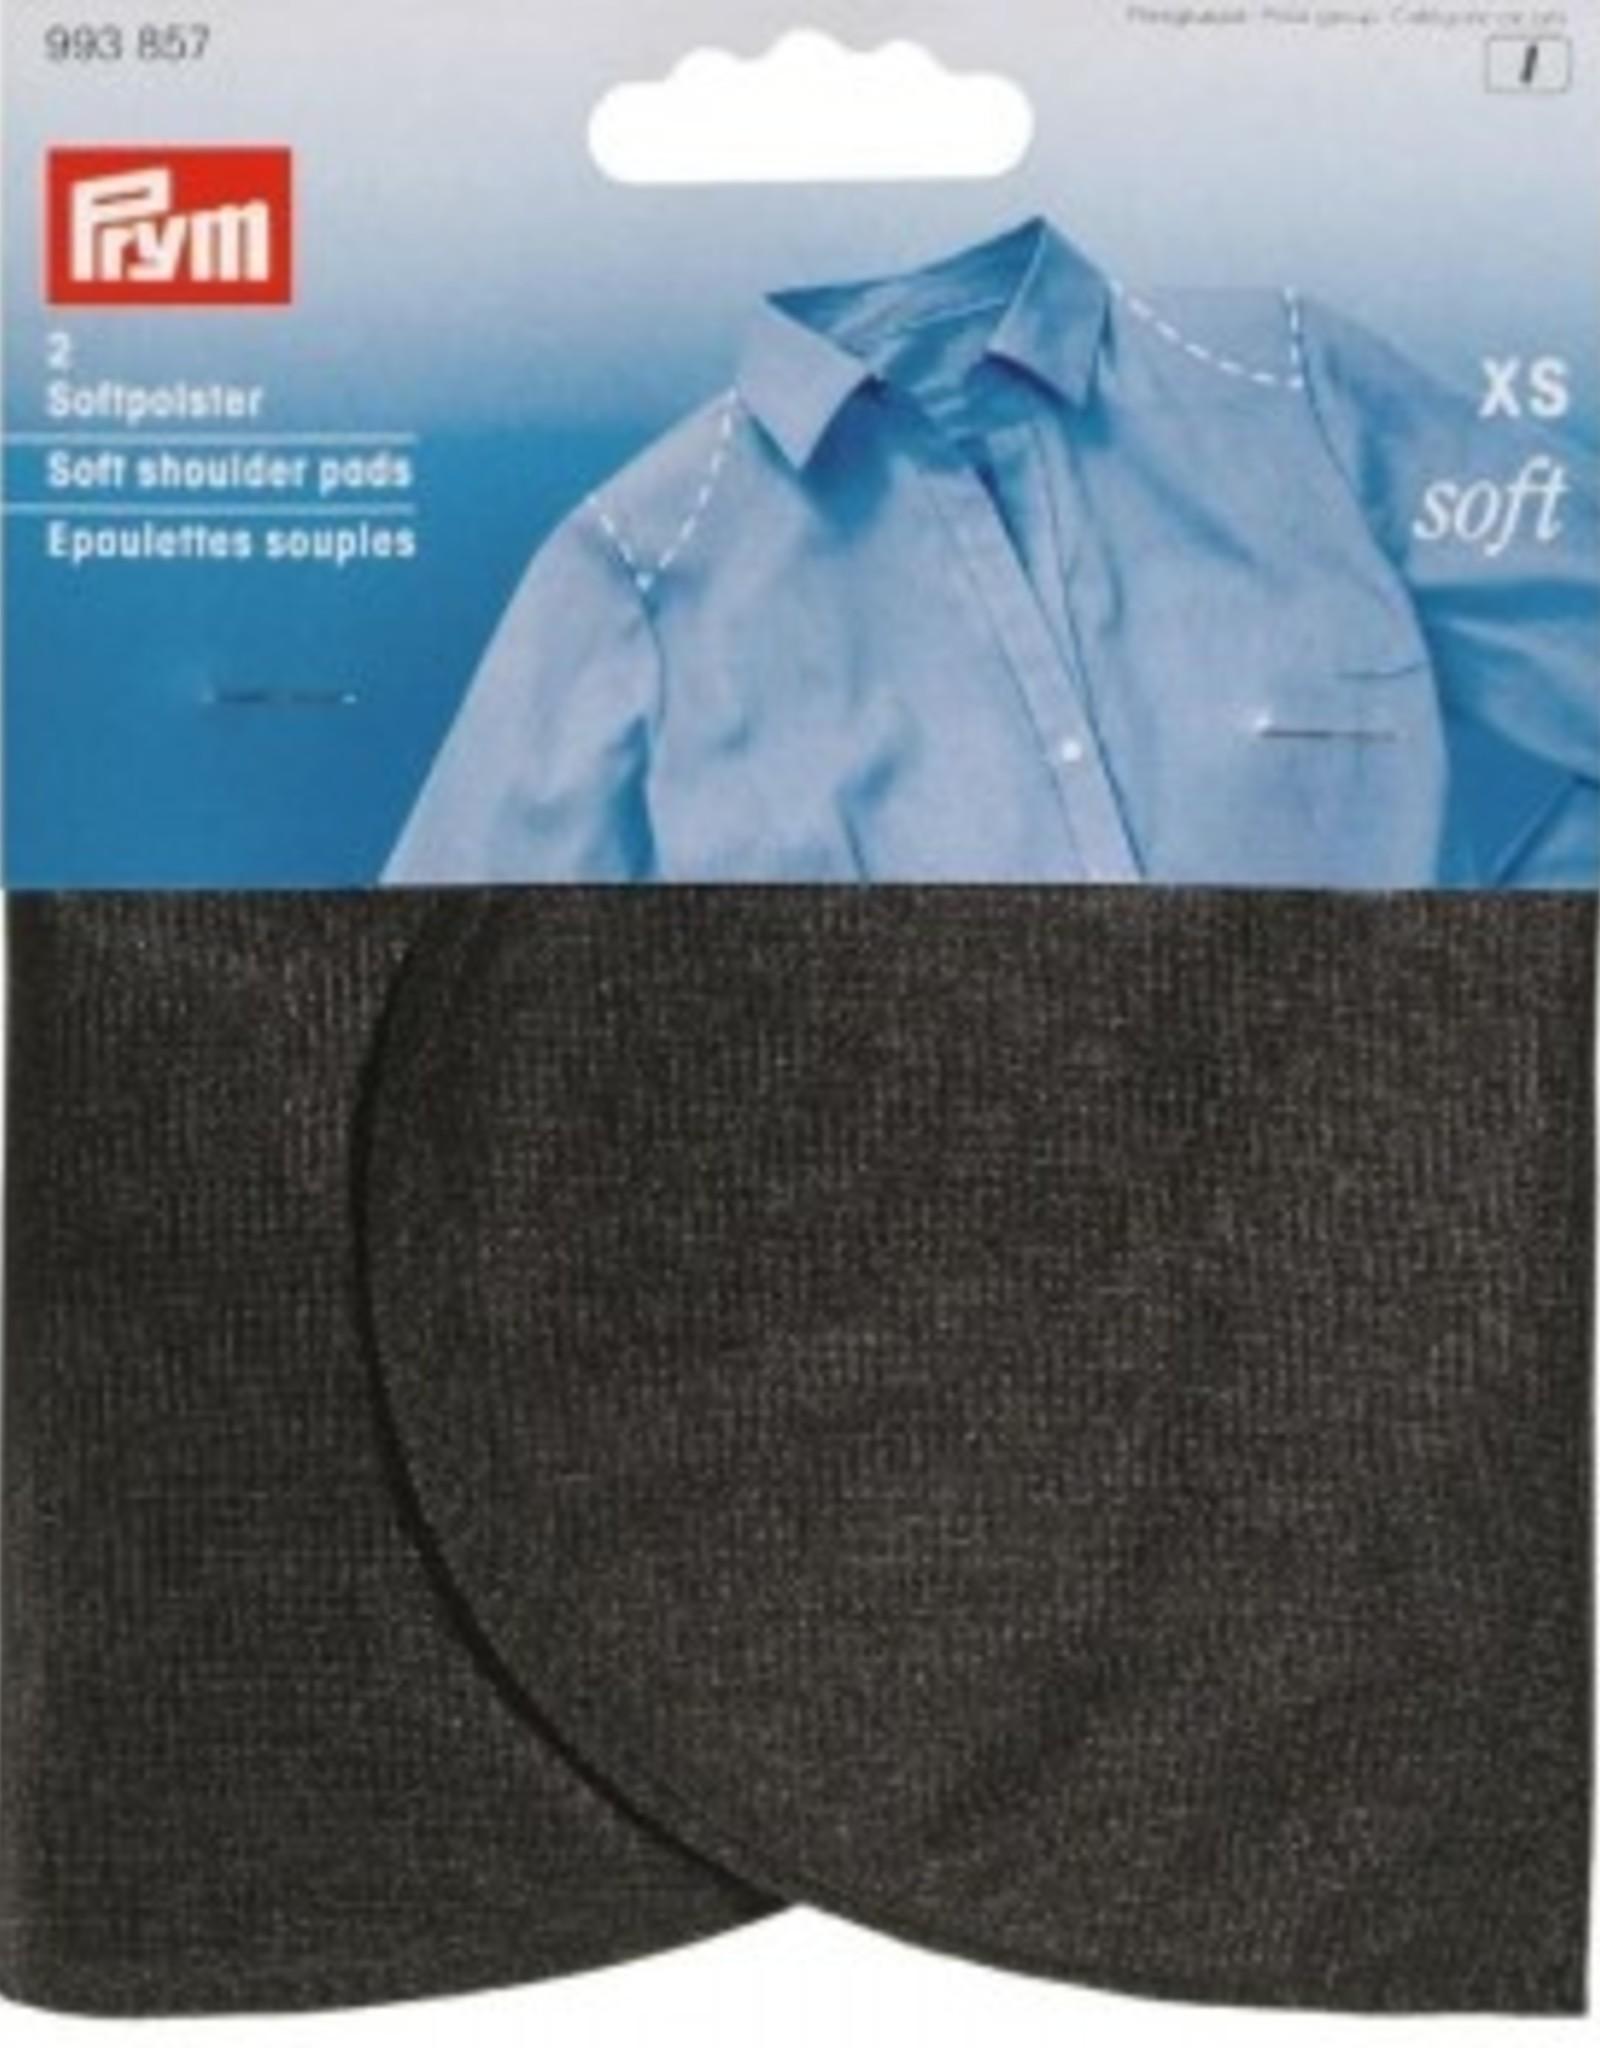 Prym Prym -  schoudervullingen M-L zwart - 993 867